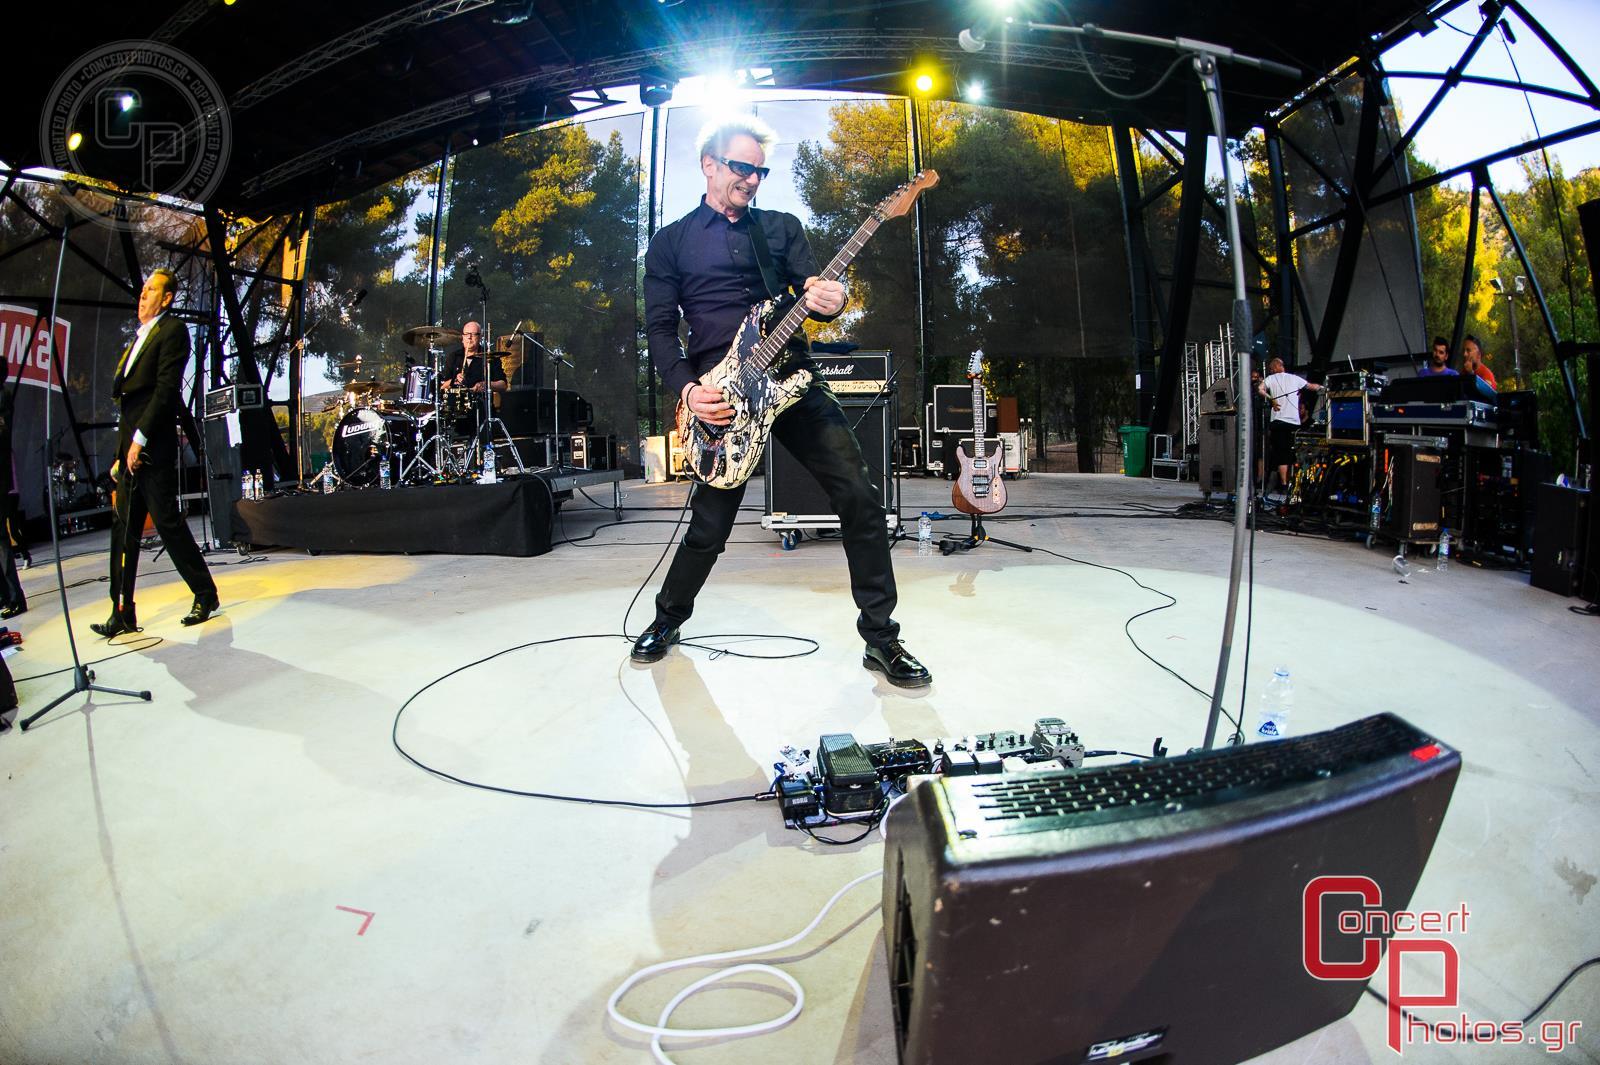 Rockwave 2014-Rockwave 2014 - Day 1 photographer:  - Rockwave-2014-69